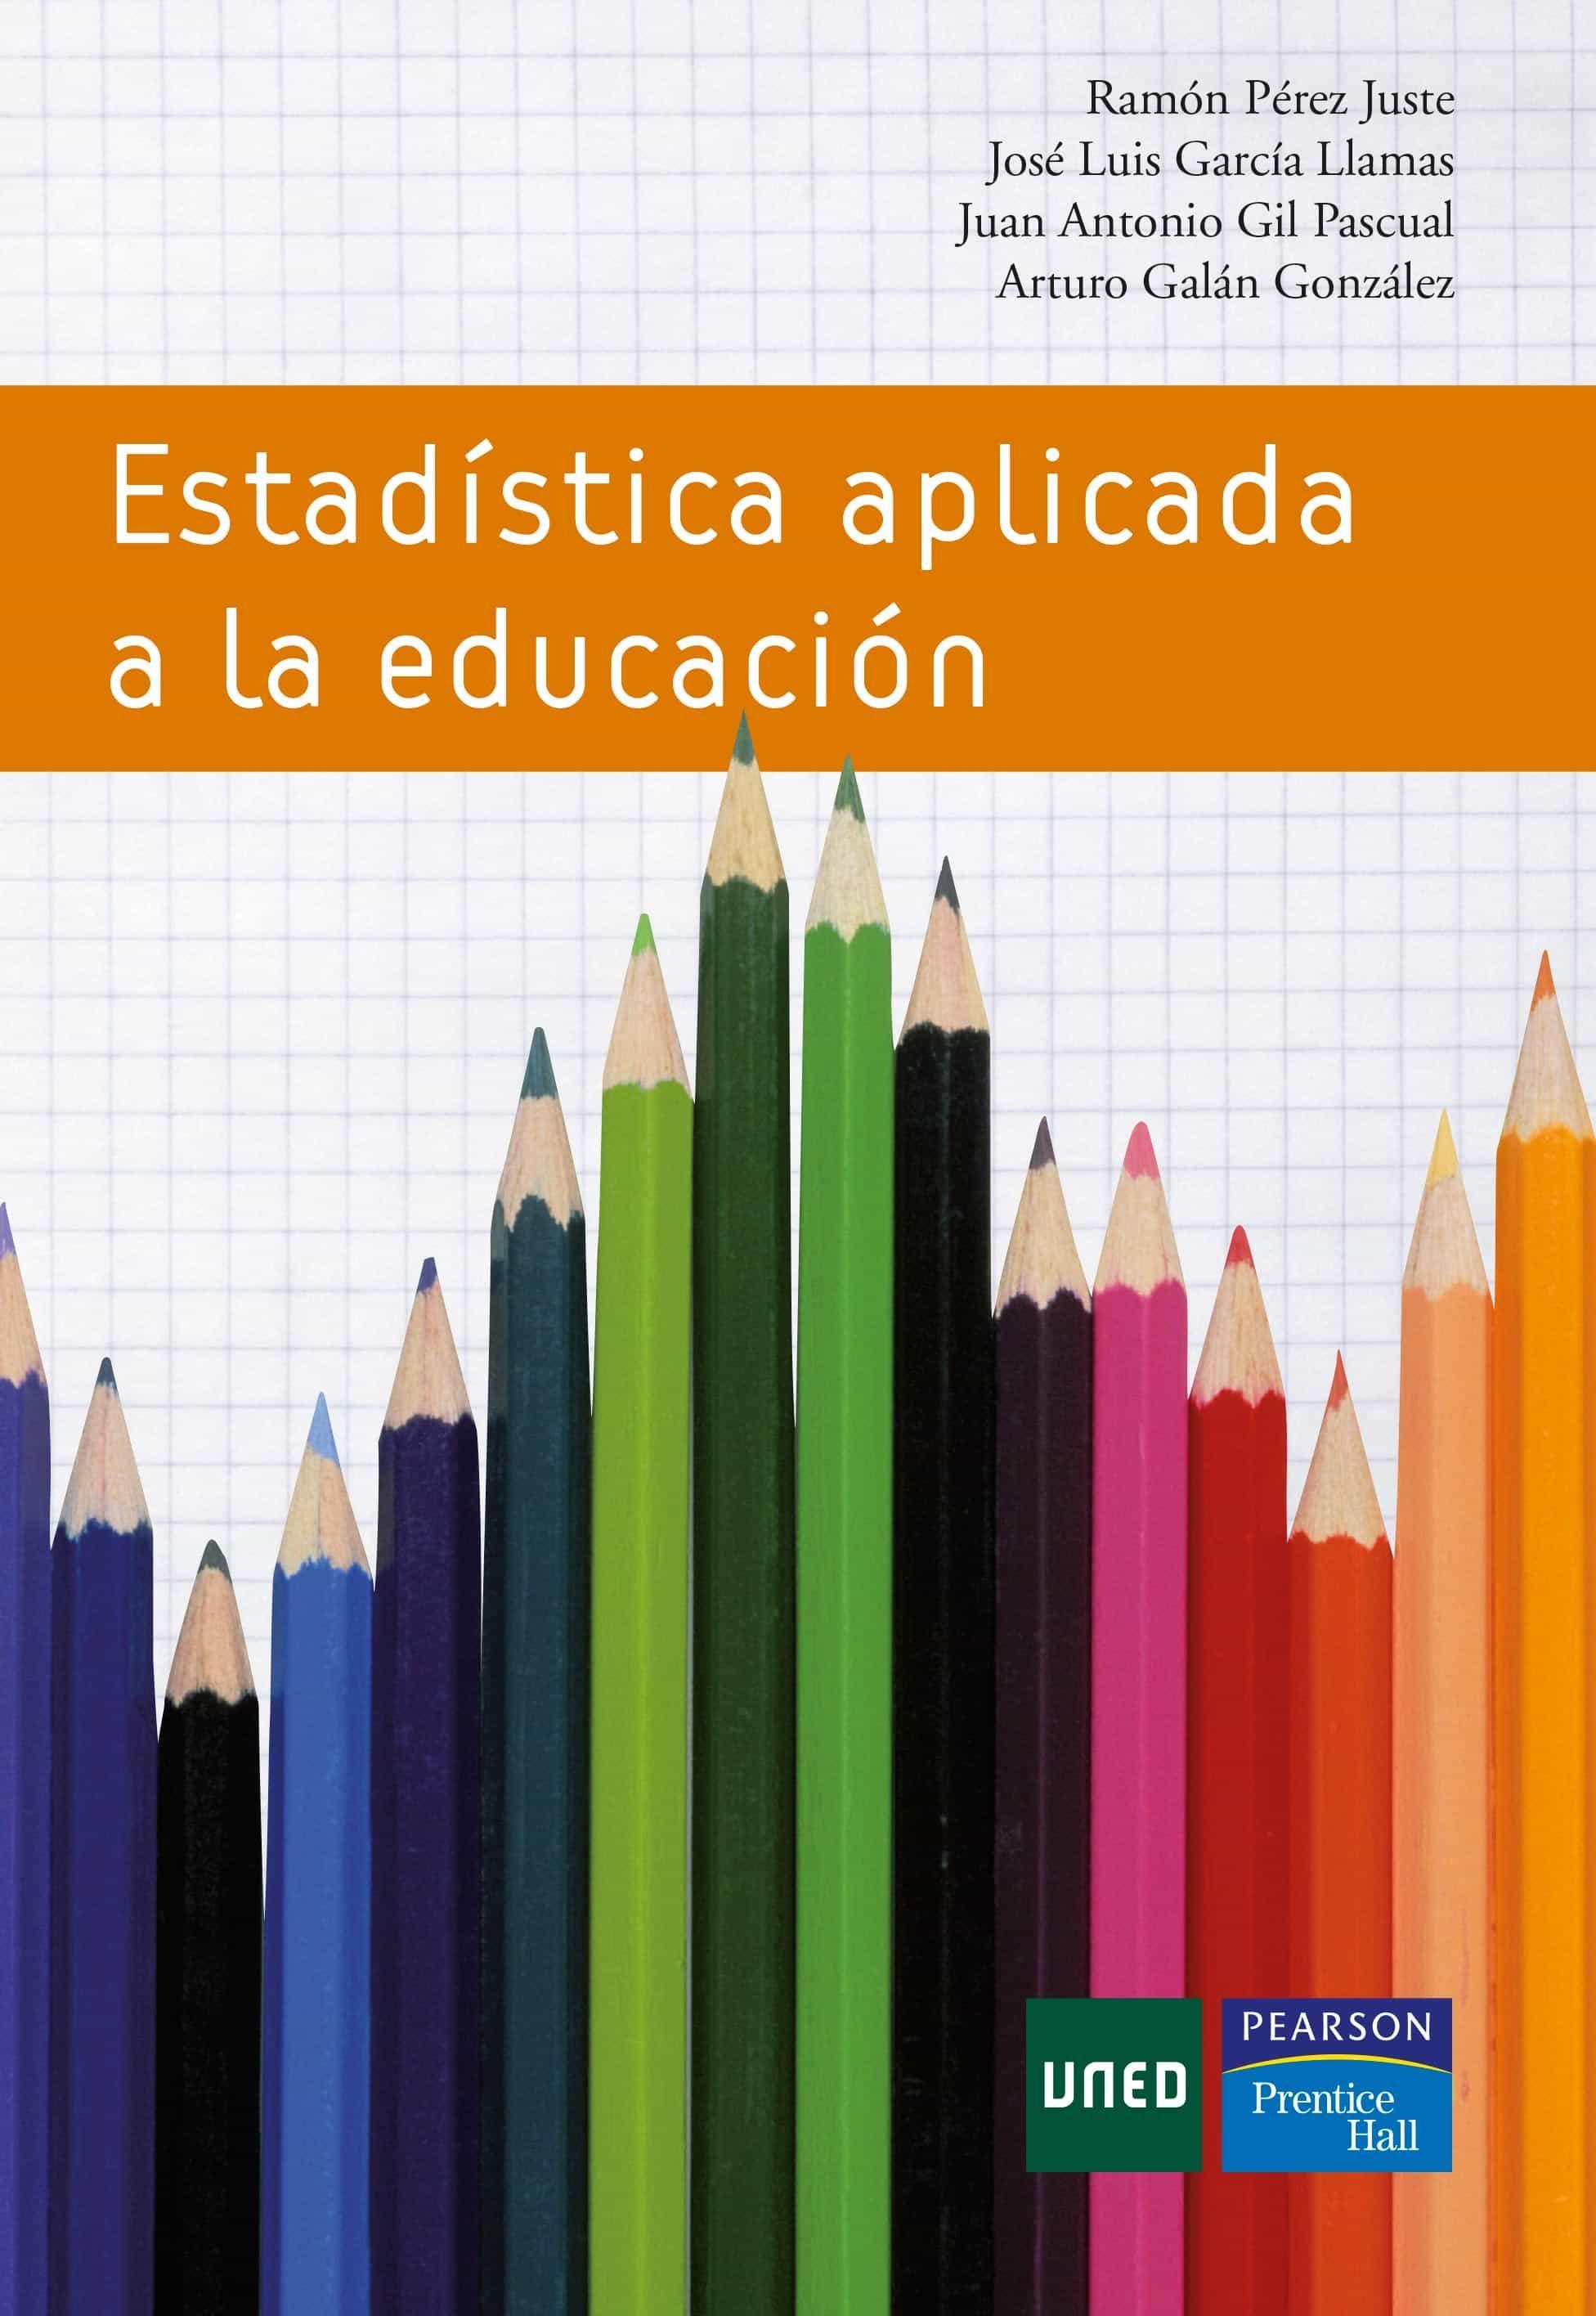 Estadistica Aplicada A La Educacion - Garcia Llamas Jose Luis